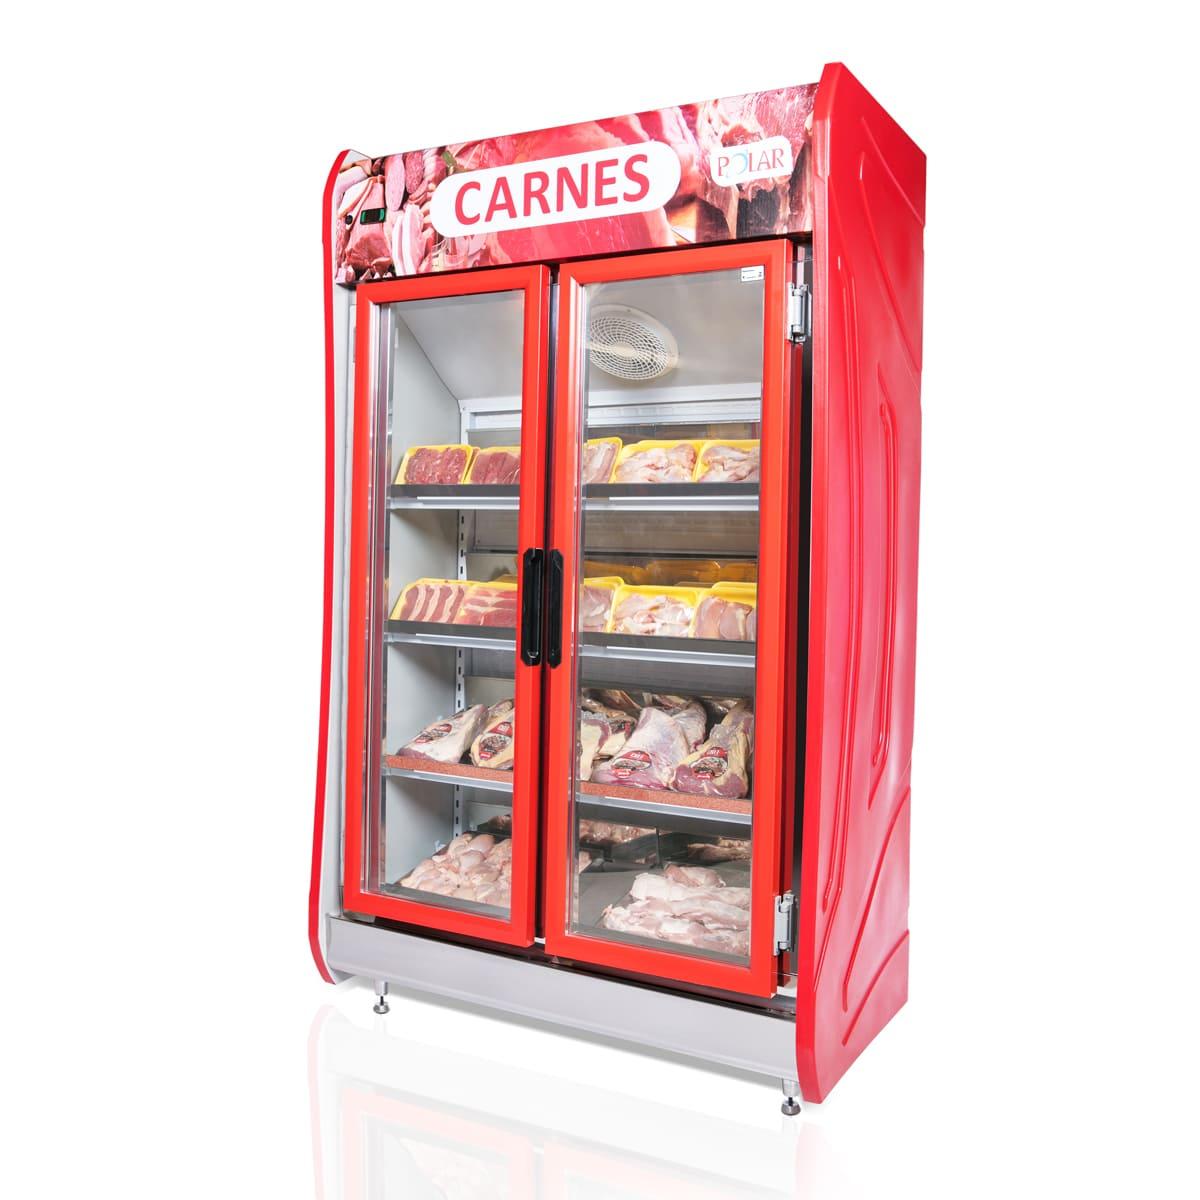 Expositor Vertical Refrigerado Auto Serviço 2 Portas para Carnes 1,25m POLAR